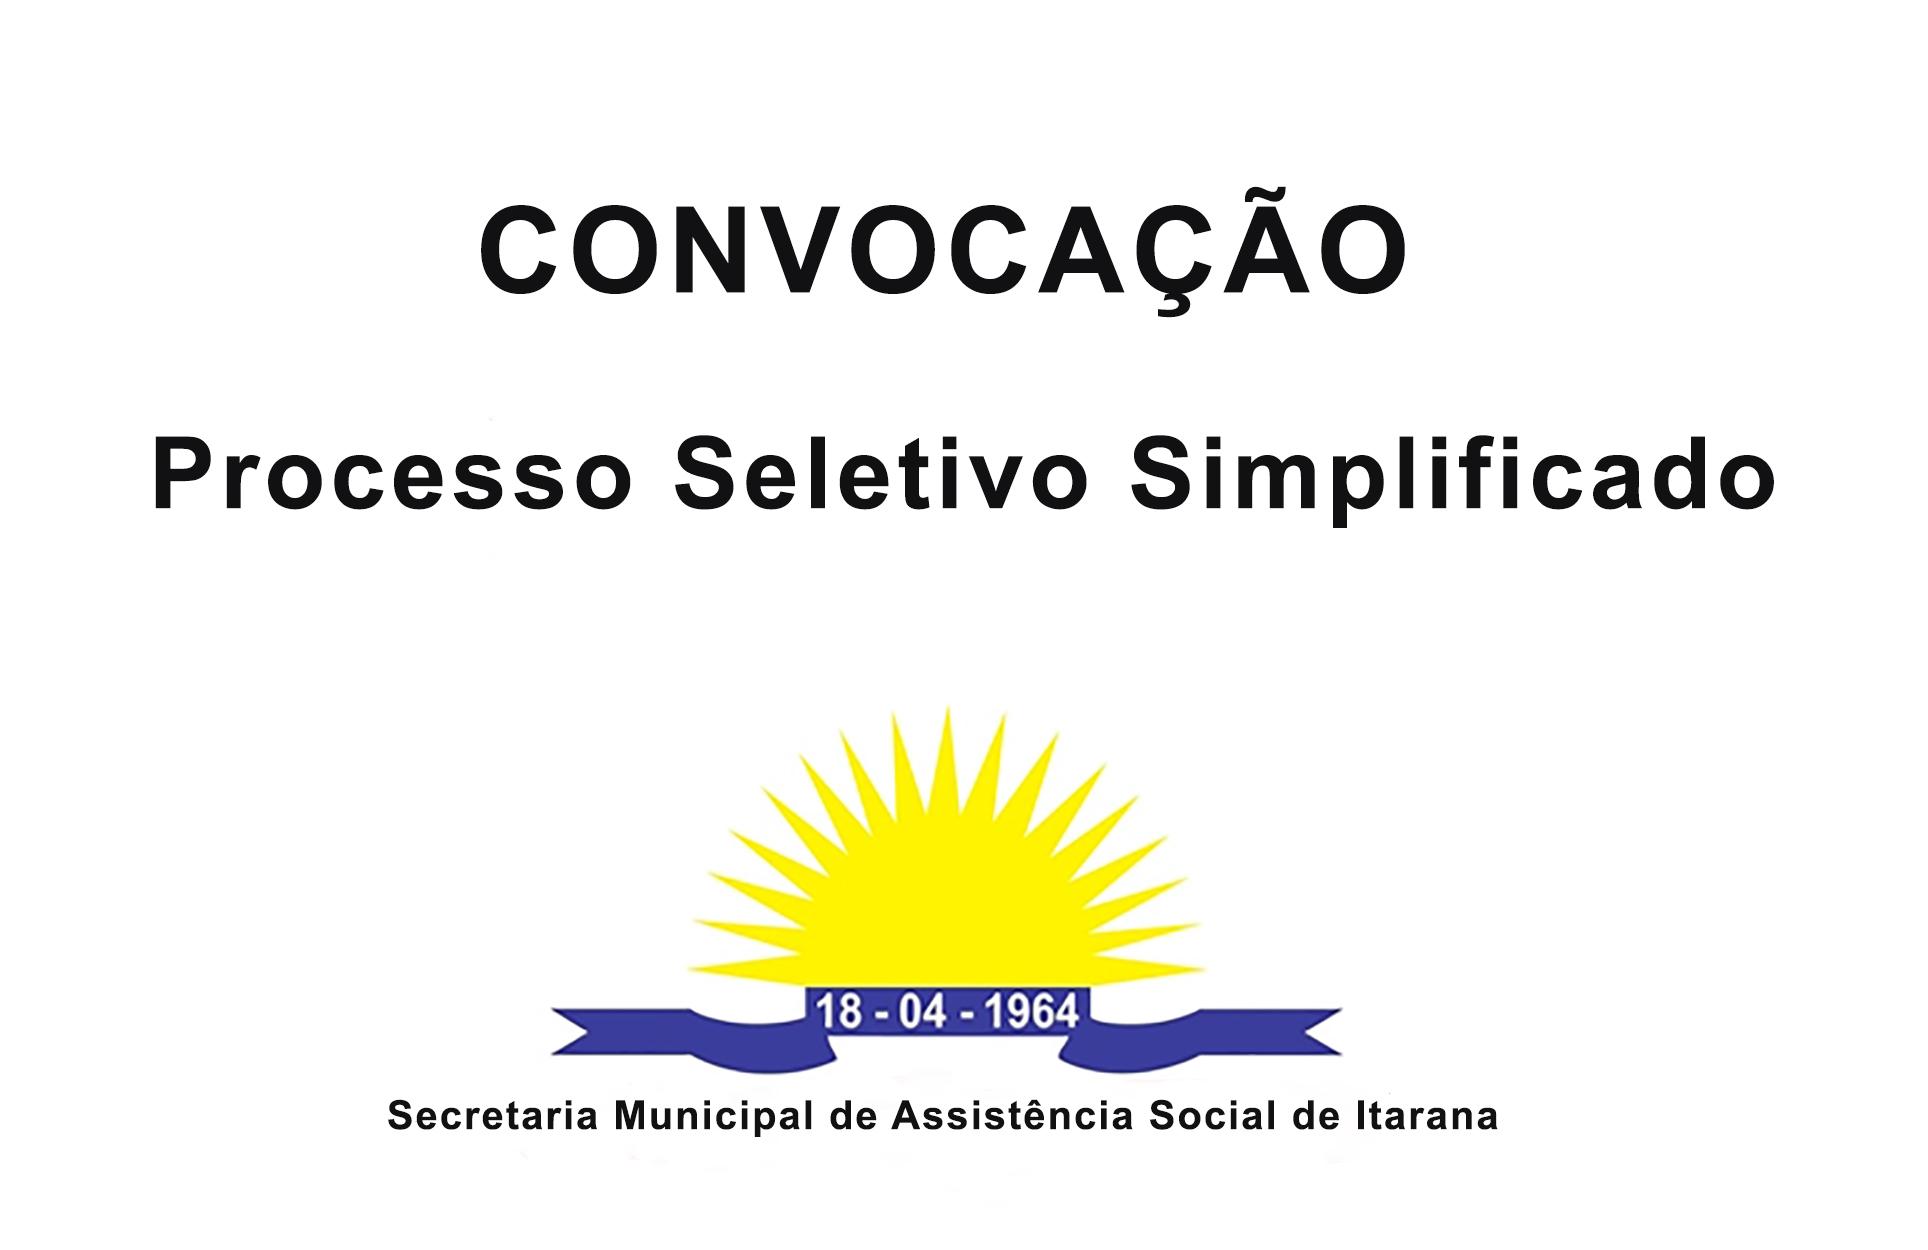 Assistência Social: Convocação Processo Seletivo Simplificado - Edital SEMAS Nº17/2015